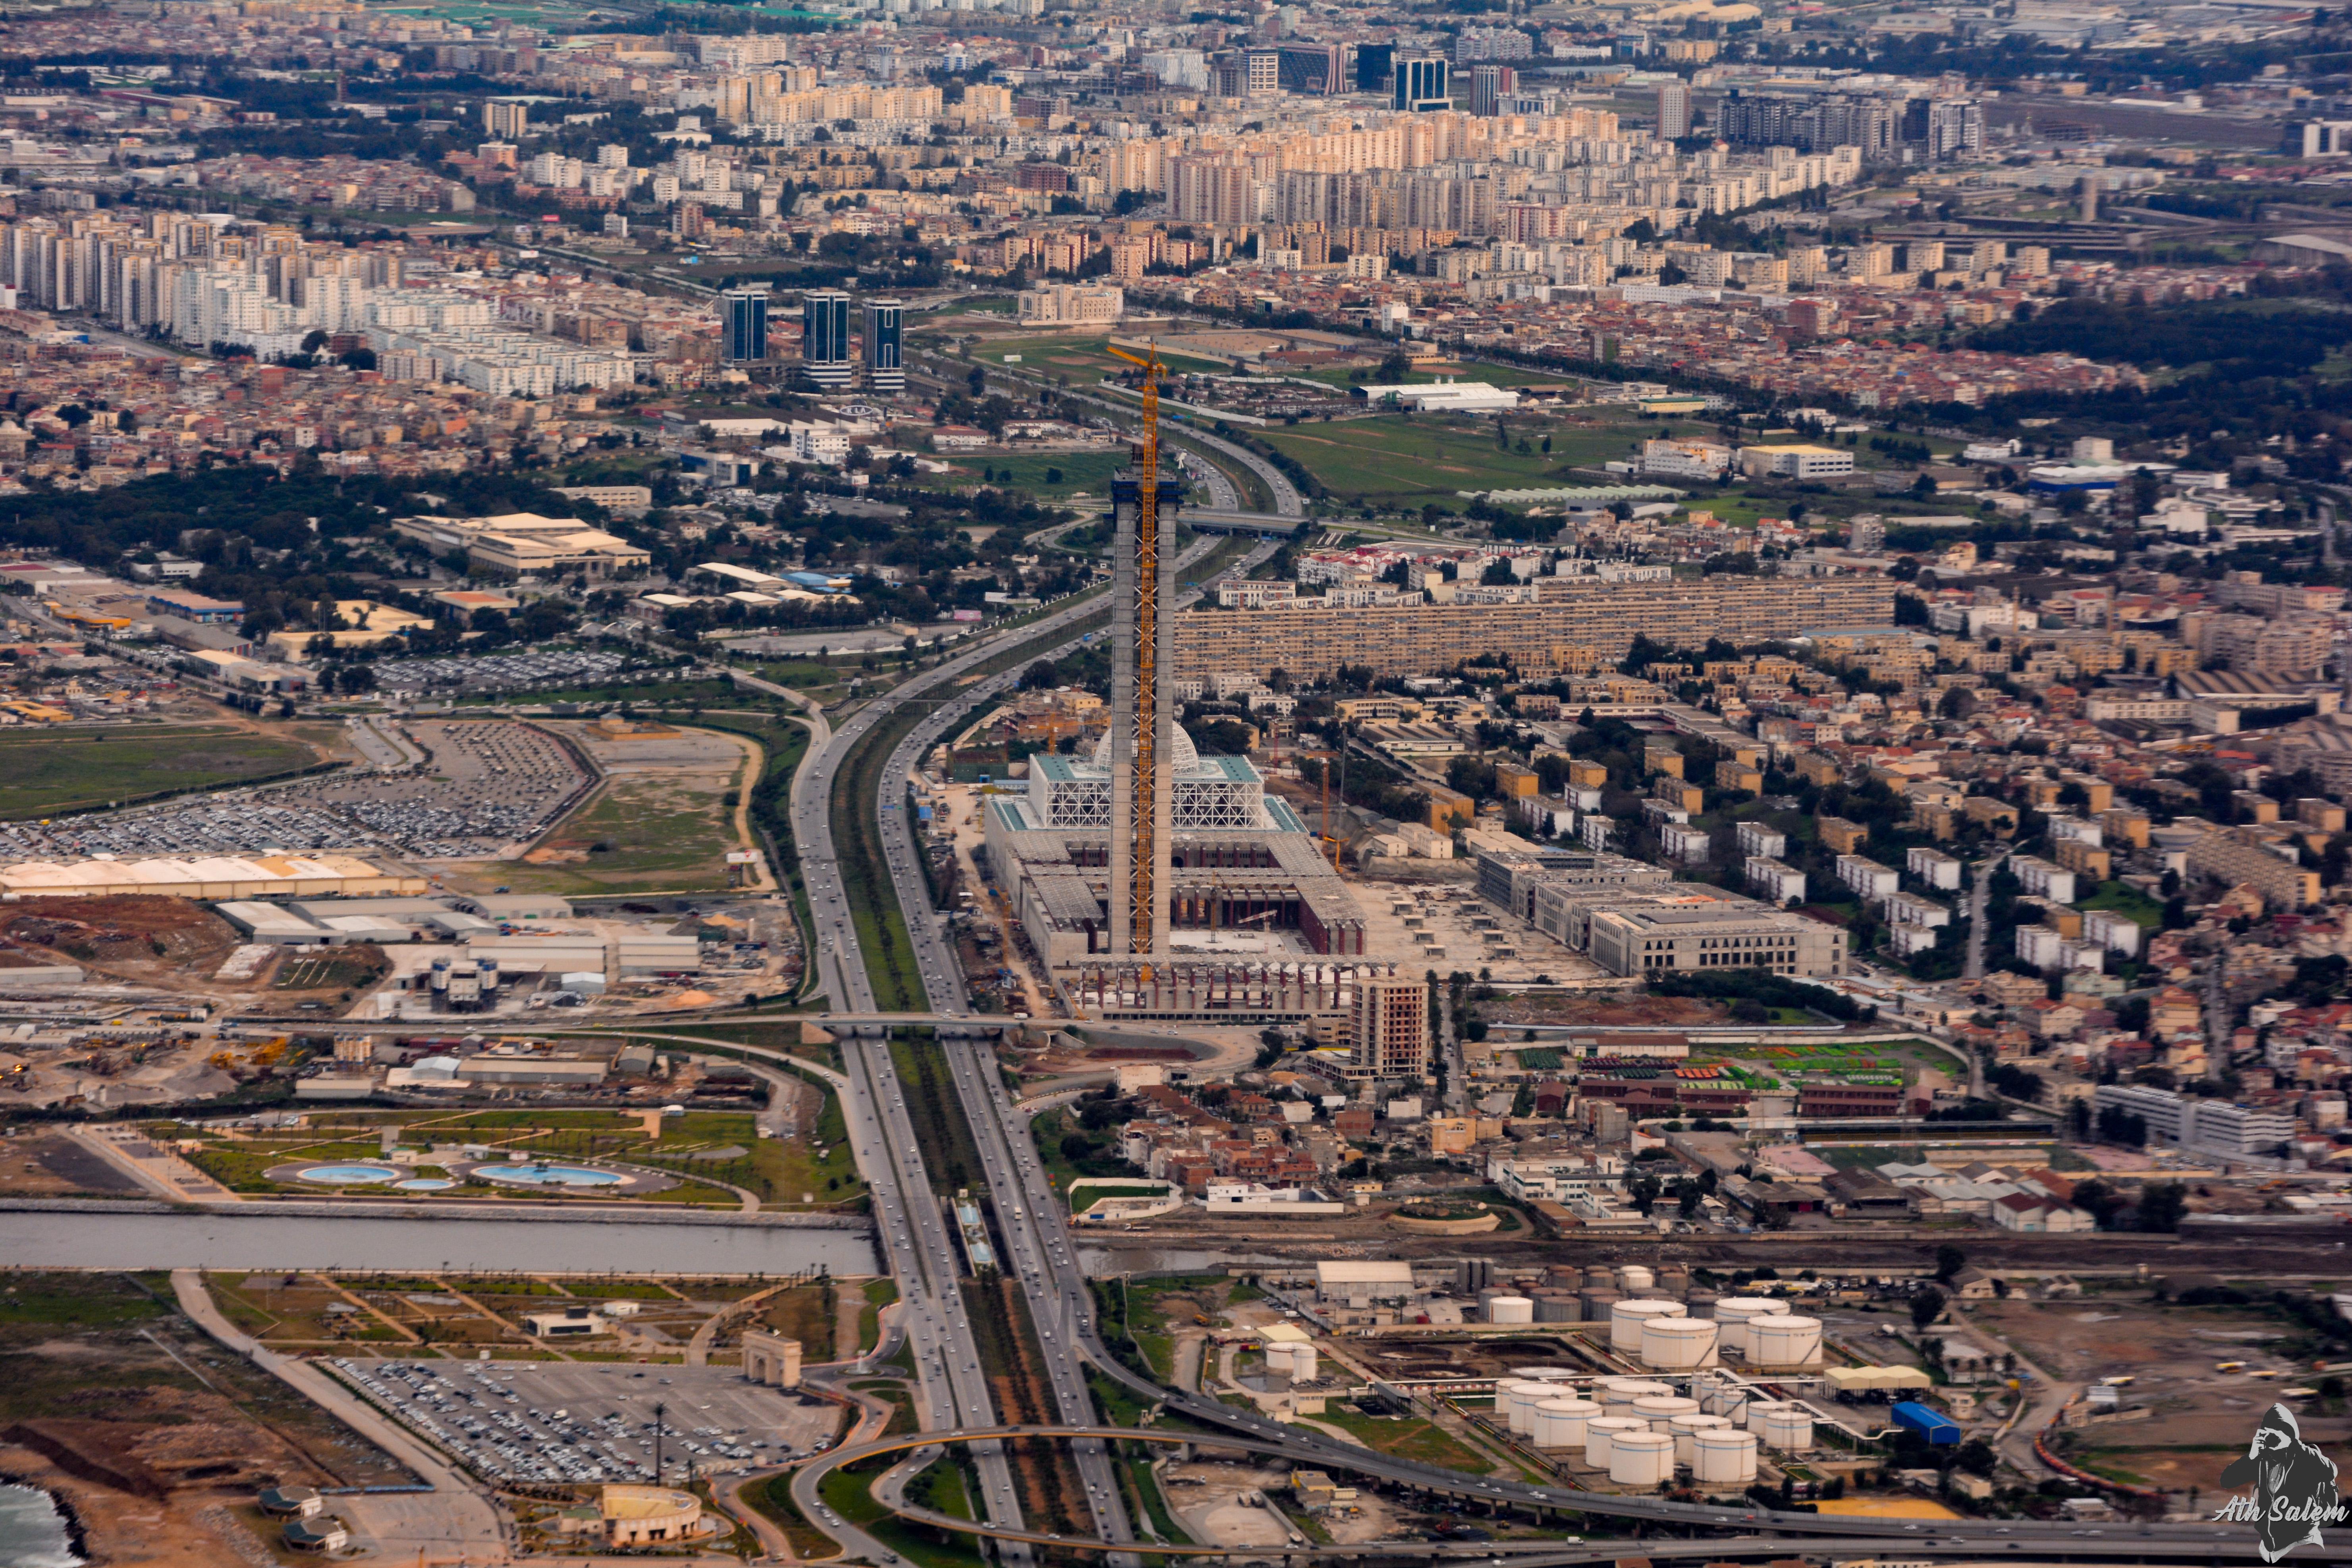 مشروع جامع الجزائر الأعظم: إعطاء إشارة إنطلاق أشغال الإنجاز - صفحة 19 33569416011_28aa5c8d05_o